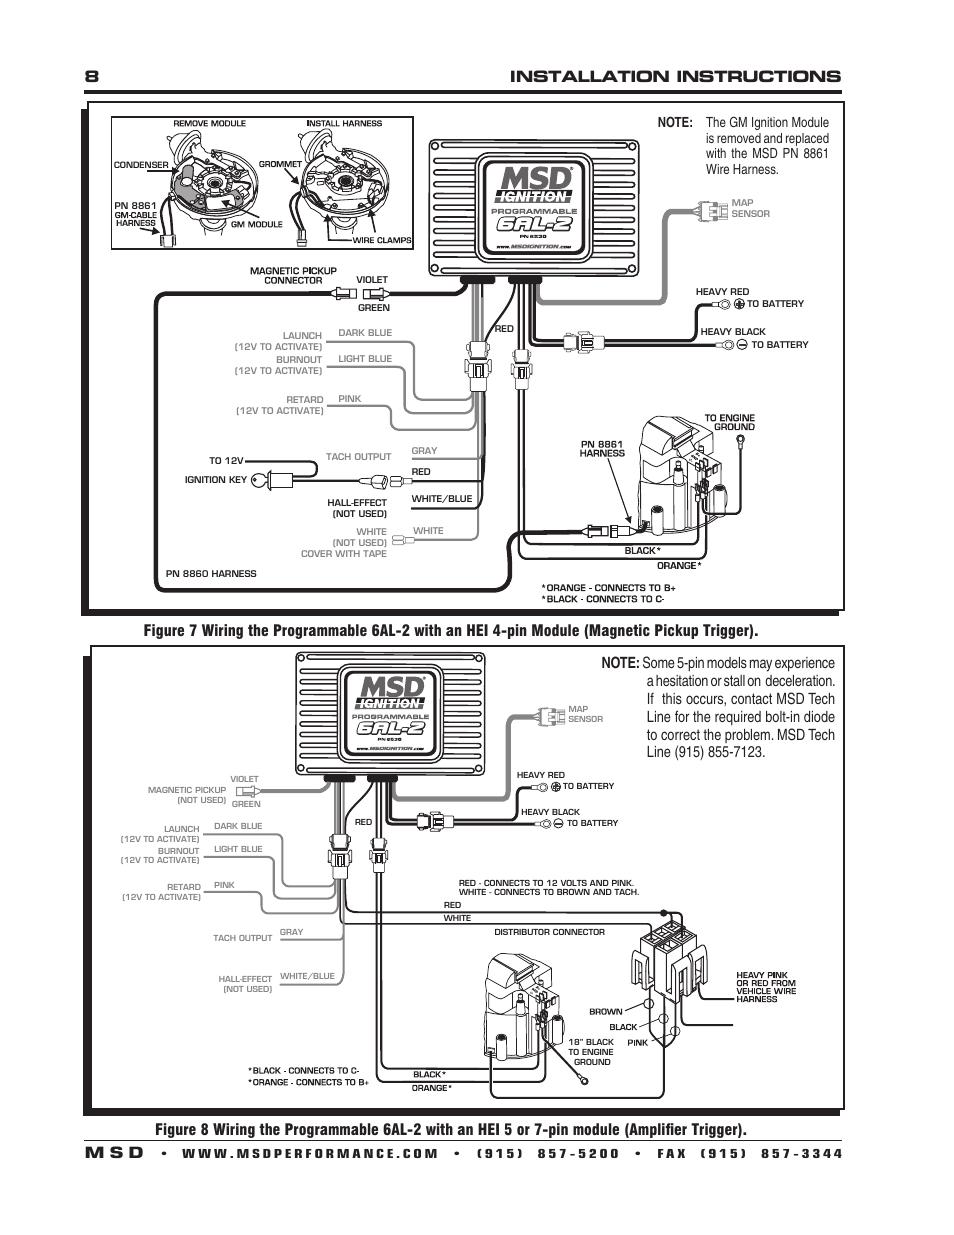 msd distributor wiring schematic